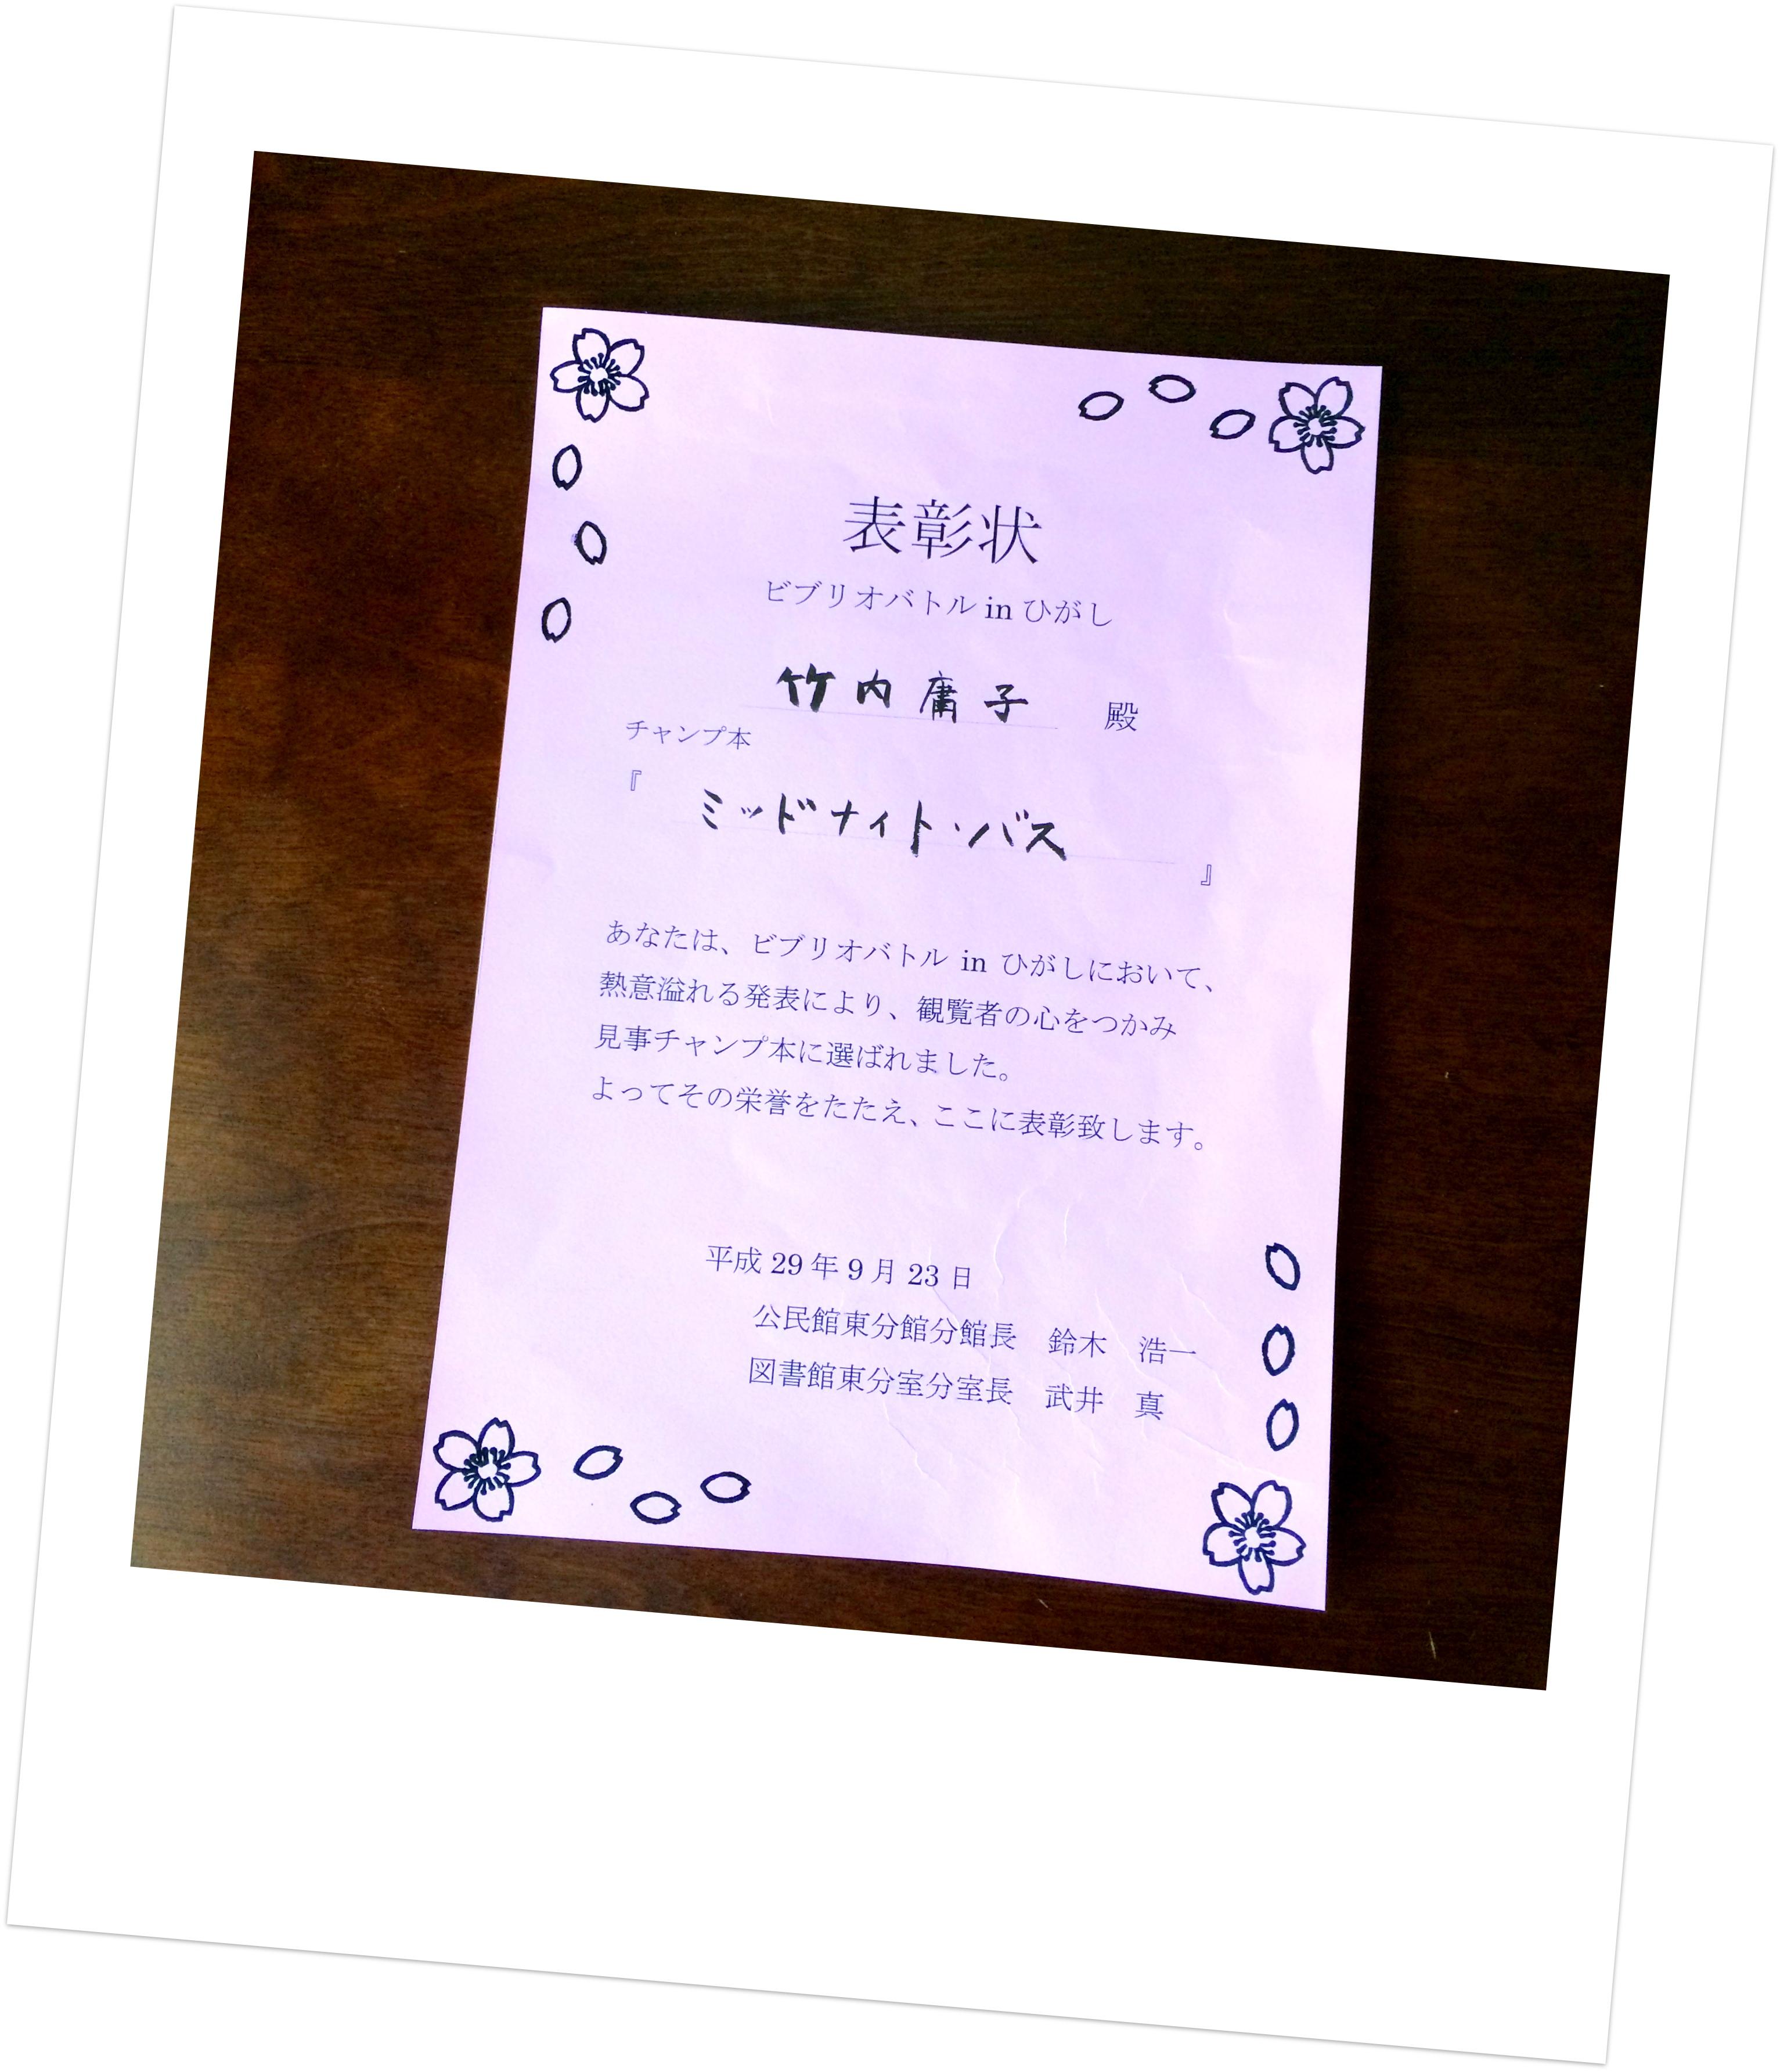 小金井市立図書館東分室2017年ビブリオバトル表彰状